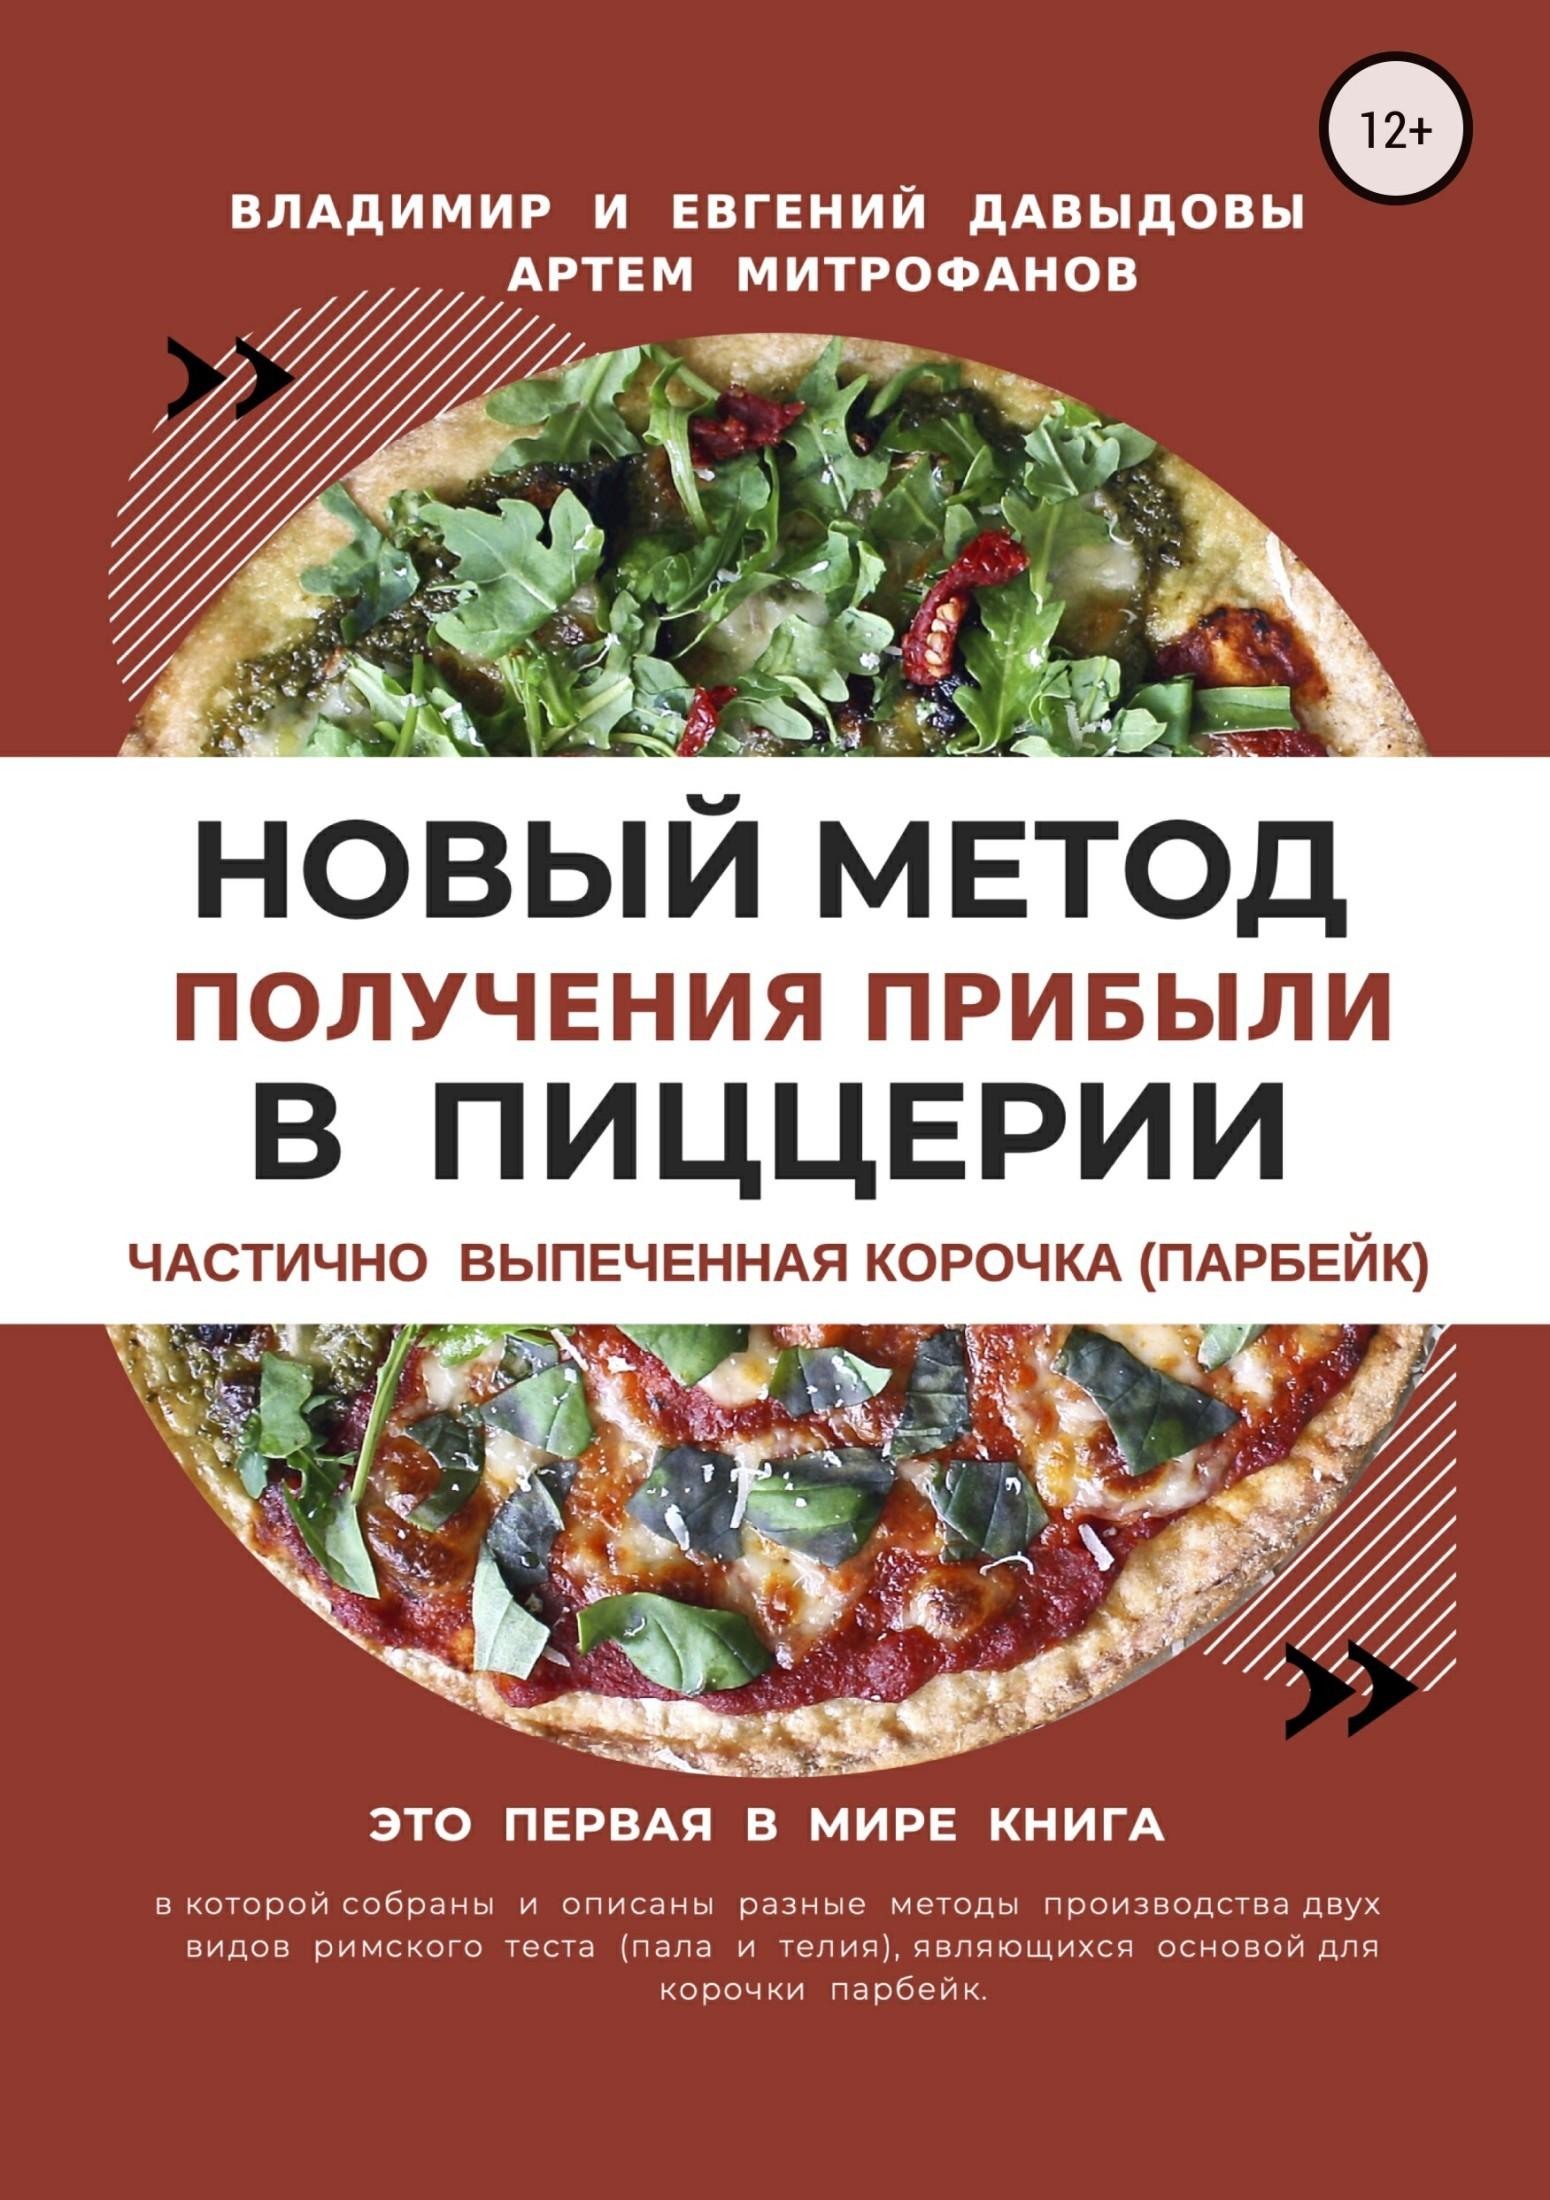 Евгений Давыдов, Артем Митрофанов - Новый метод получения прибыли в пиццерии